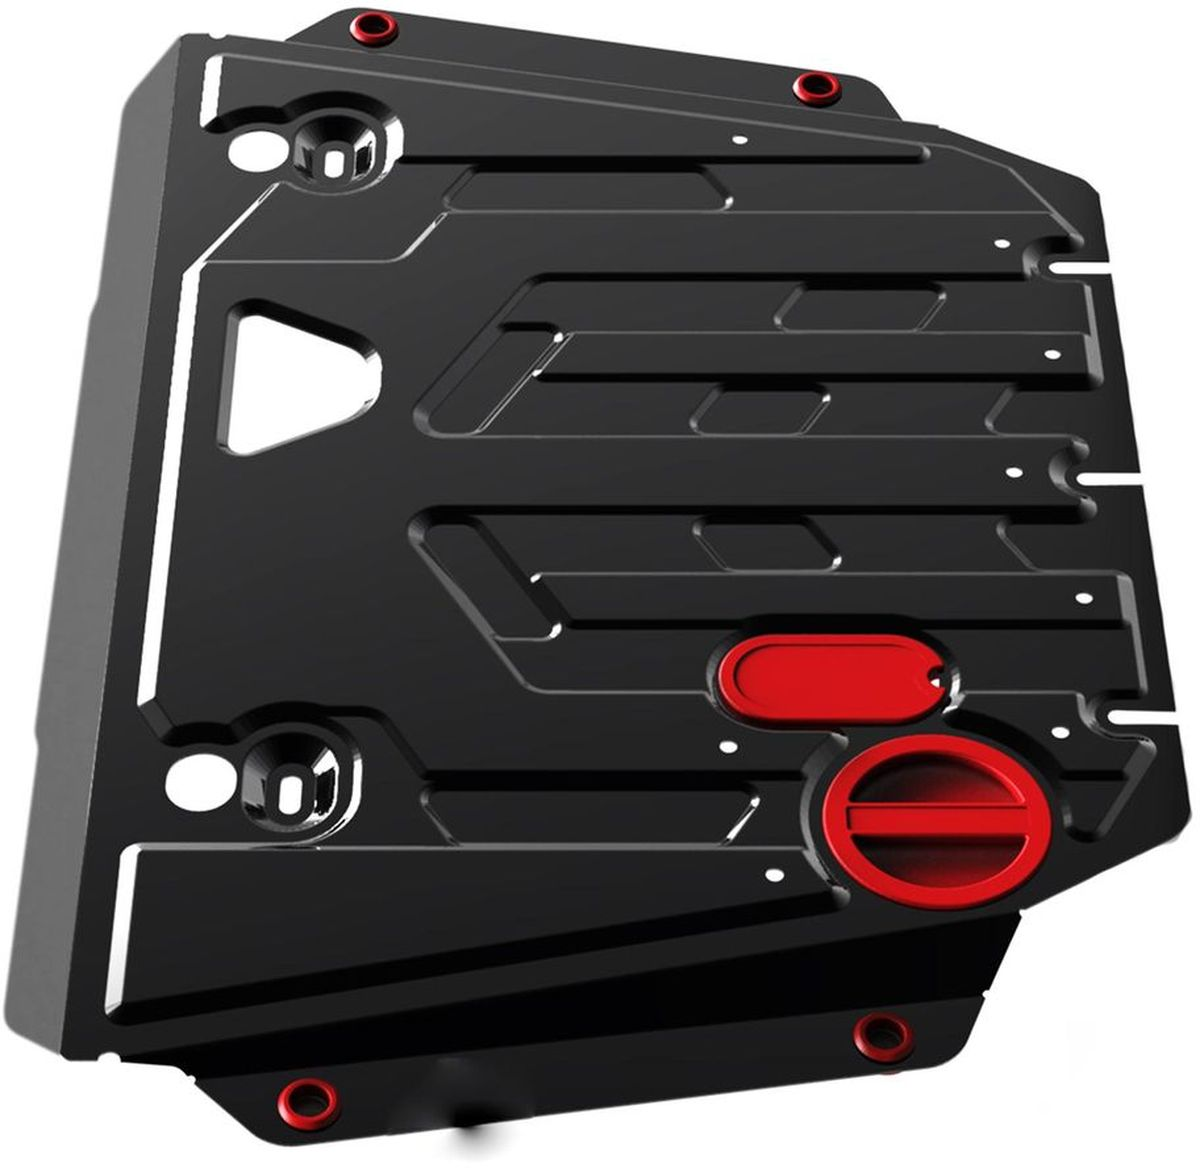 Защита картера и КПП Автоброня Chevrolet Epica 2006-2012, сталь 2 мм111.01003.1Защита картера и КПП Автоброня Chevrolet Epica, V - 2,0; 2,5 2006-2012, сталь 2 мм, комплект крепежа, 111.01003.1Стальные защиты Автоброня надежно защищают ваш автомобиль от повреждений при наезде на бордюры, выступающие канализационные люки, кромки поврежденного асфальта или при ремонте дорог, не говоря уже о загородных дорогах.- Имеют оптимальное соотношение цена-качество.- Спроектированы с учетом особенностей автомобиля, что делает установку удобной.- Защита устанавливается в штатные места кузова автомобиля.- Является надежной защитой для важных элементов на протяжении долгих лет.- Глубокий штамп дополнительно усиливает конструкцию защиты.- Подштамповка в местах крепления защищает крепеж от срезания.- Технологические отверстия там, где они необходимы для смены масла и слива воды, оборудованные заглушками, закрепленными на защите.Толщина стали 2 мм.В комплекте крепеж и инструкция по установке.Уважаемые клиенты!Обращаем ваше внимание на тот факт, что защита имеет форму, соответствующую модели данного автомобиля. Наличие глубокого штампа и лючков для смены фильтров/масла предусмотрено не на всех защитах. Фото служит для визуального восприятия товара.